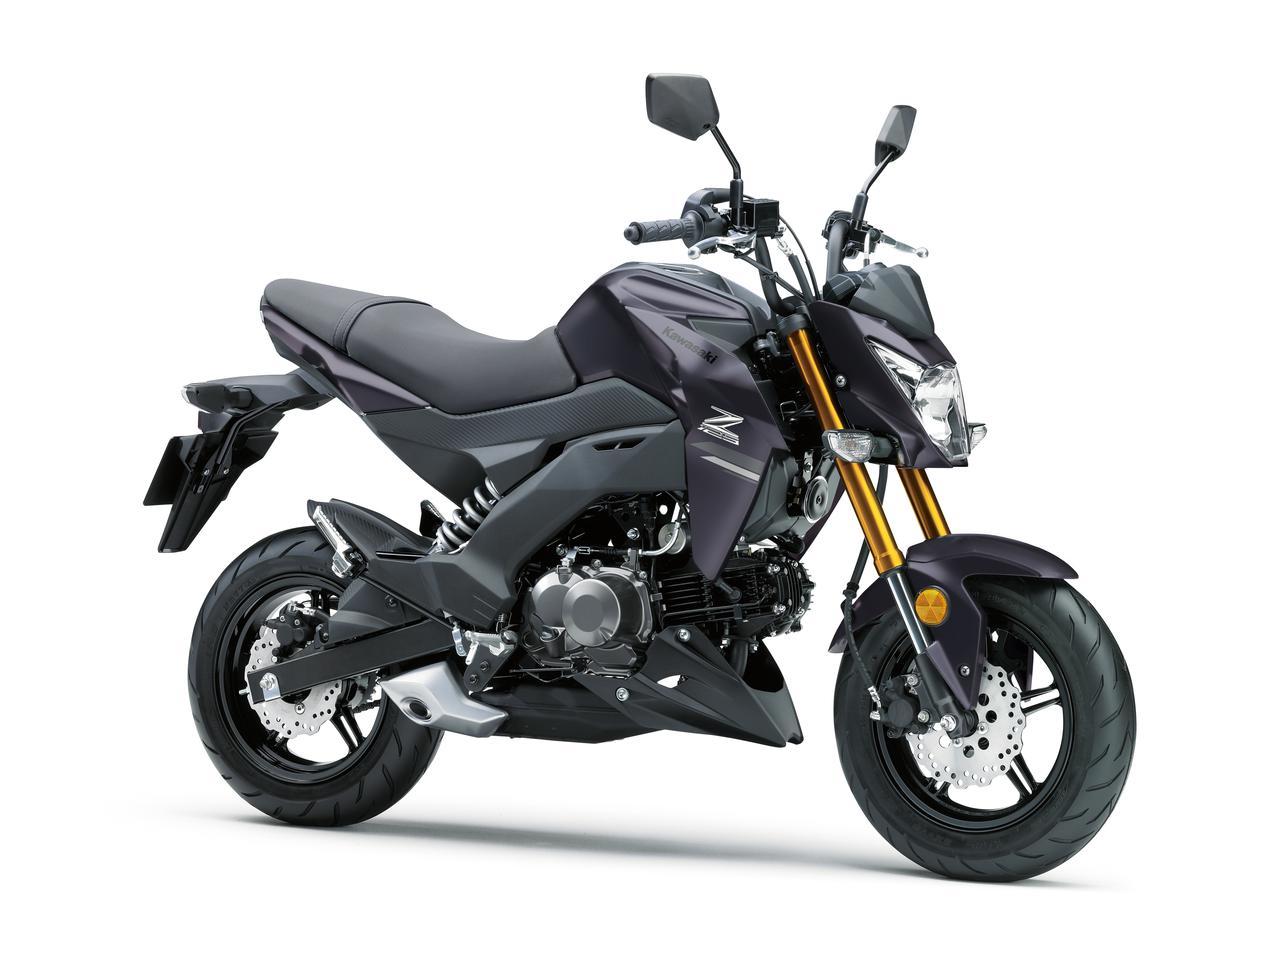 画像14: これが最後!? カワサキが原付二種スポーツバイク「Z125 PRO」の2021年モデルを発表!